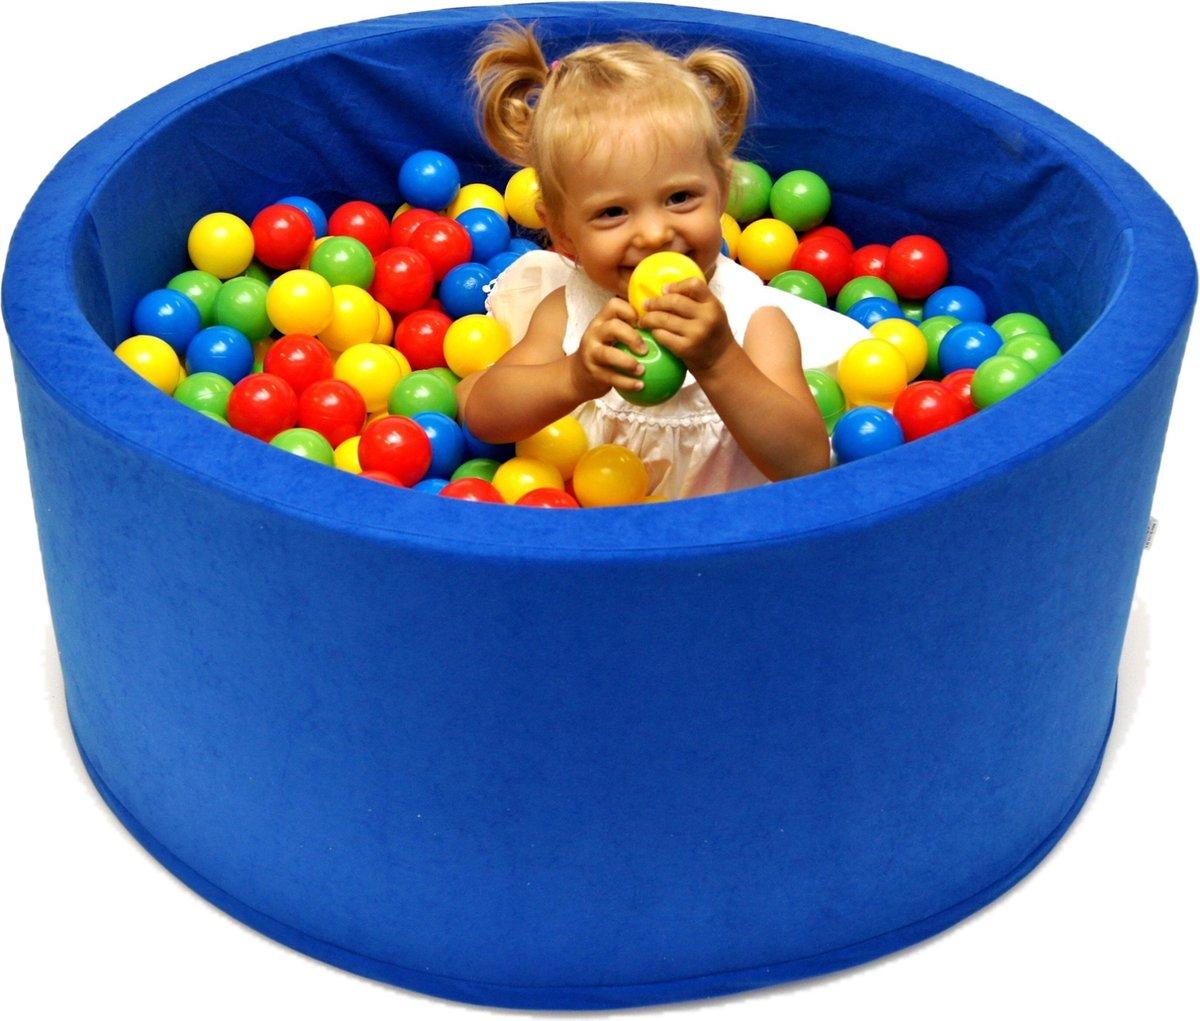 Ballenbak XL incl ballenbak ballen - Blauw